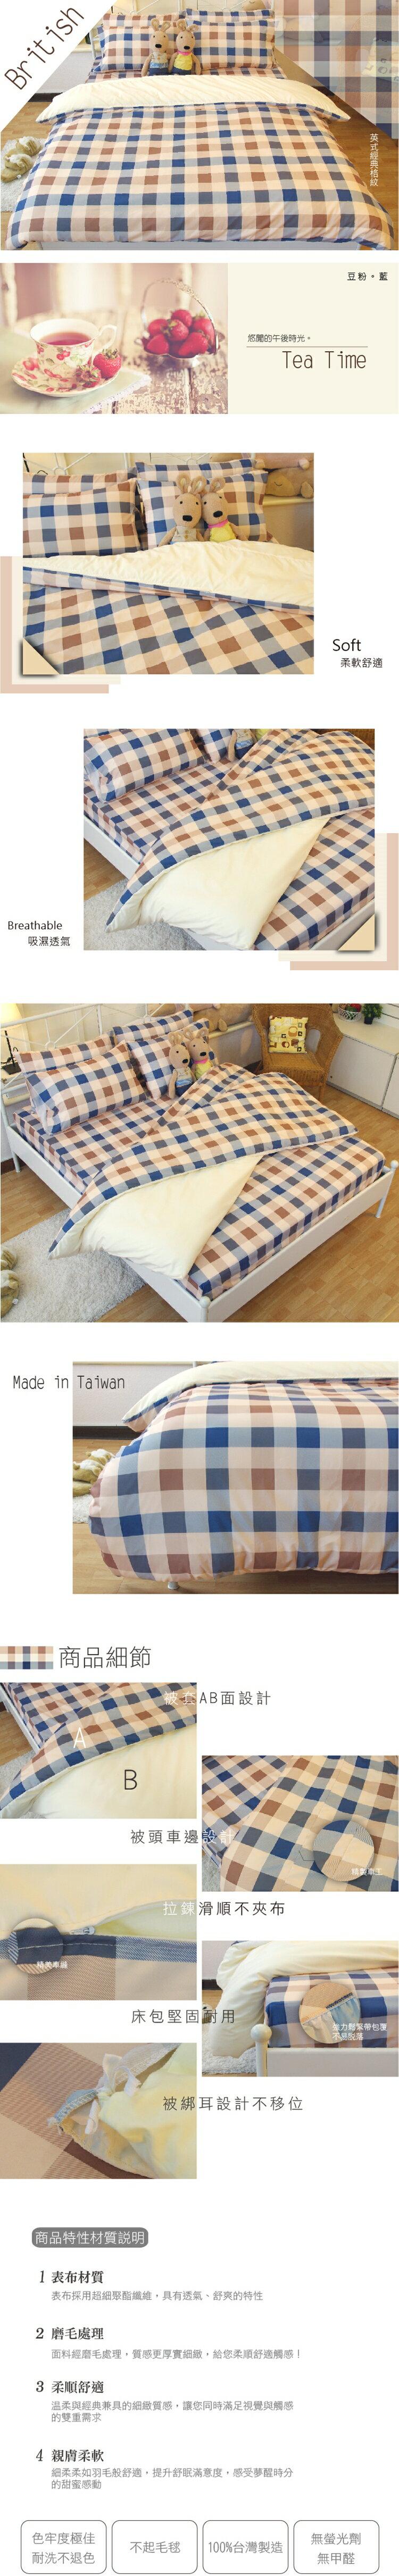 雙人床包(含枕套) 英式格紋 #咖啡藍 #豆粉藍【精典格紋、觸感升級、SGS檢驗通過】 # 寢國寢城 7